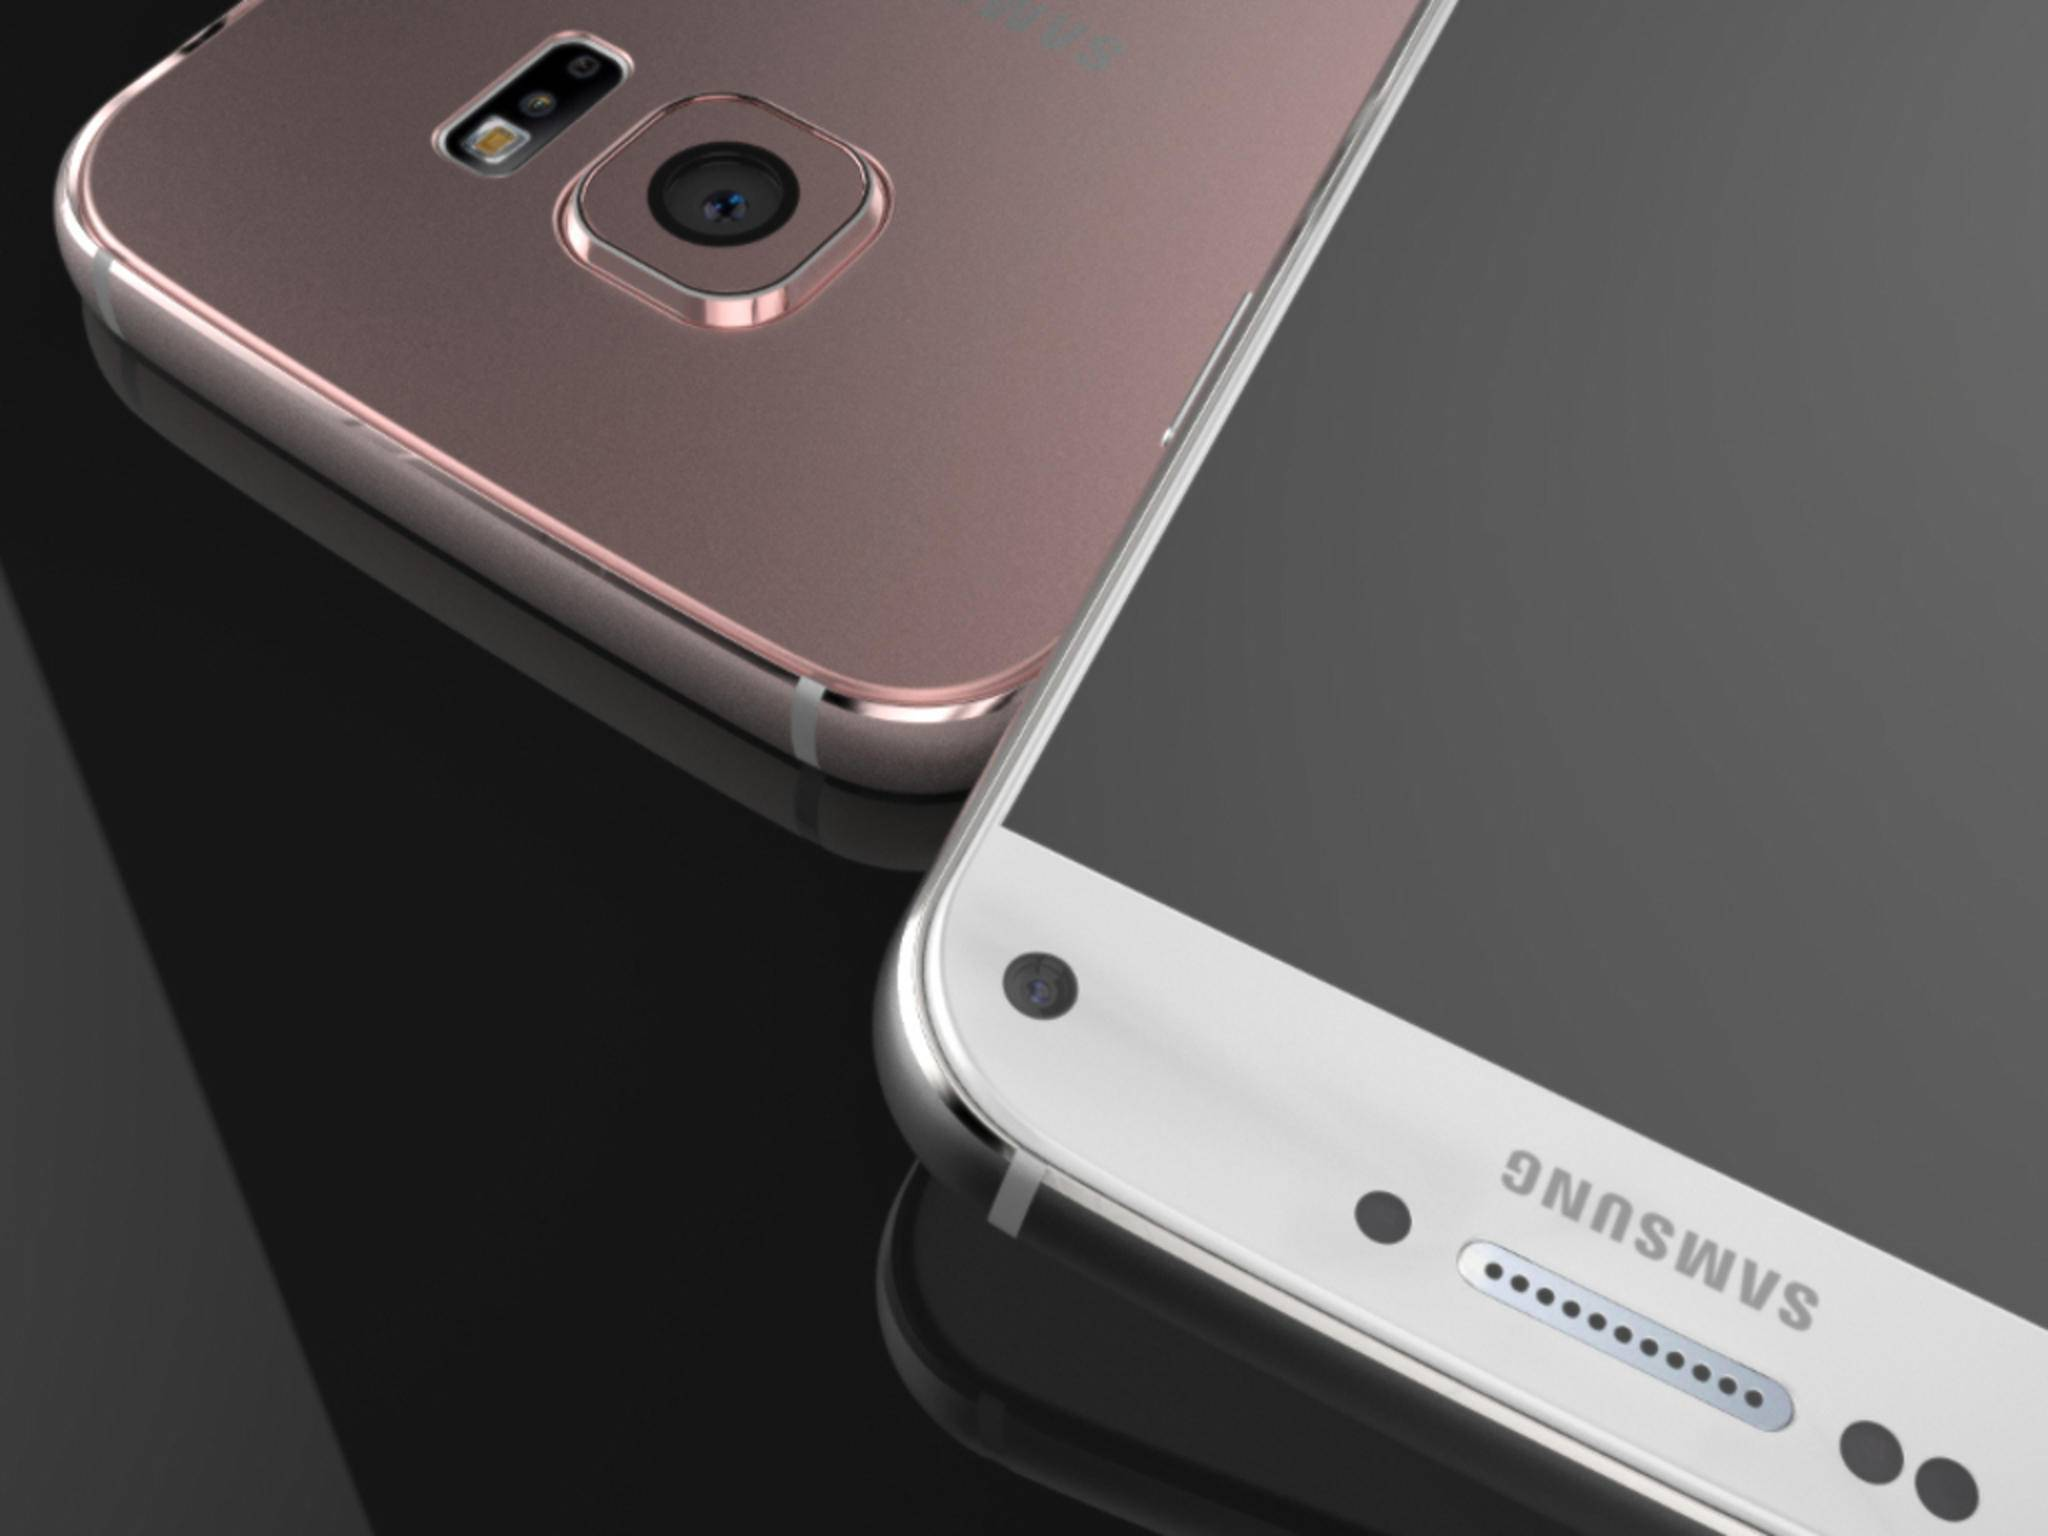 Hat die Rückkamera beim Galaxy S7 weiterhin einen Buckel?